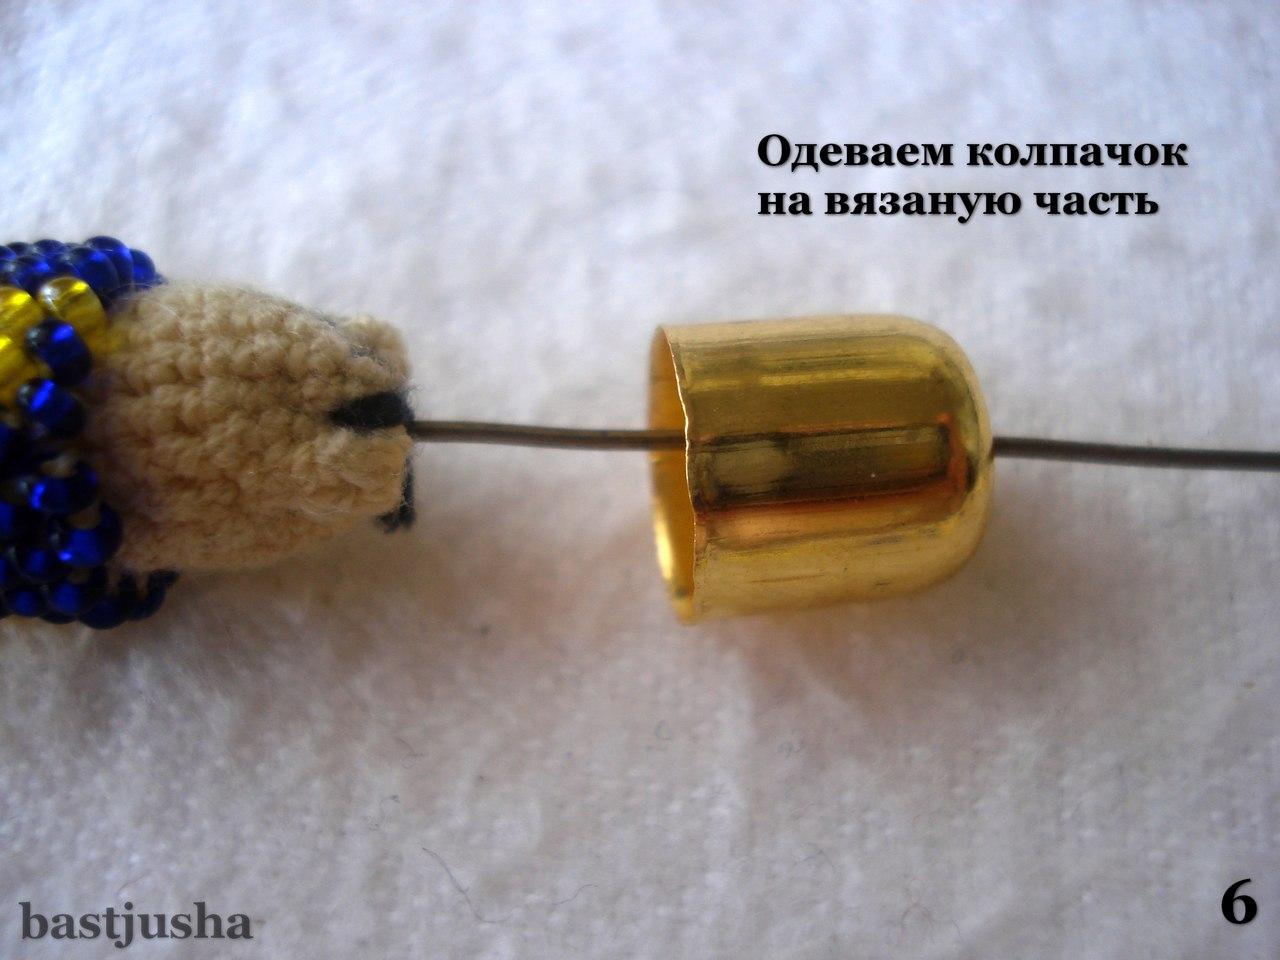 Как закрепить колпачок без клея: бисерные жгуты 5